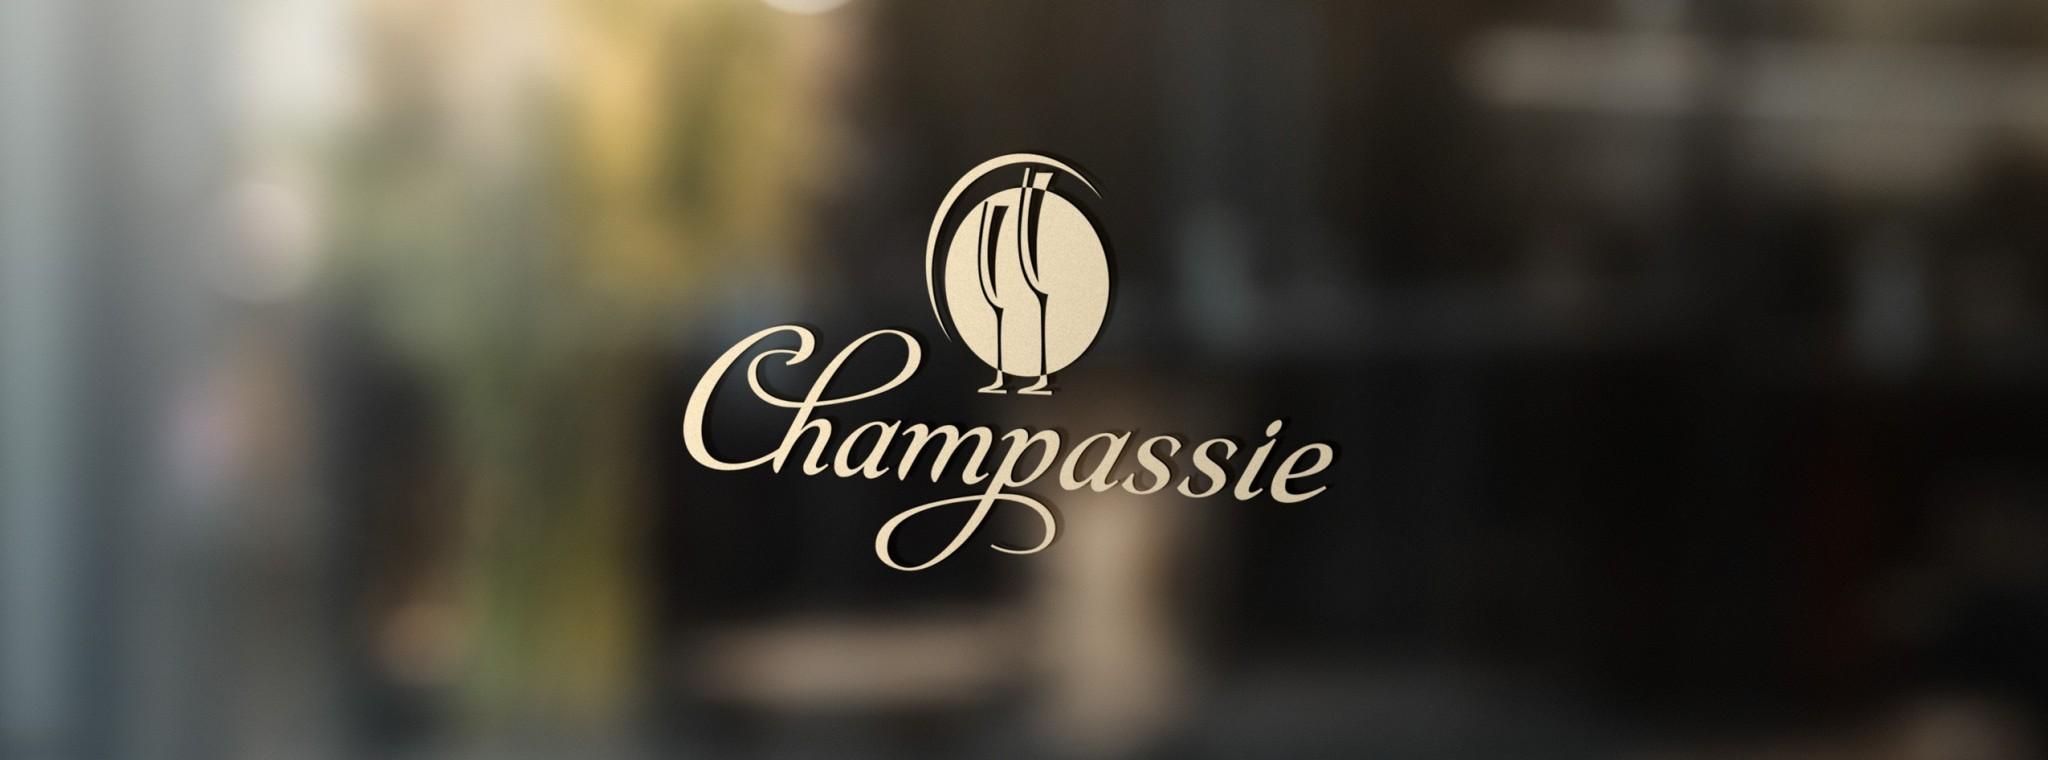 Champassie_img_4.4